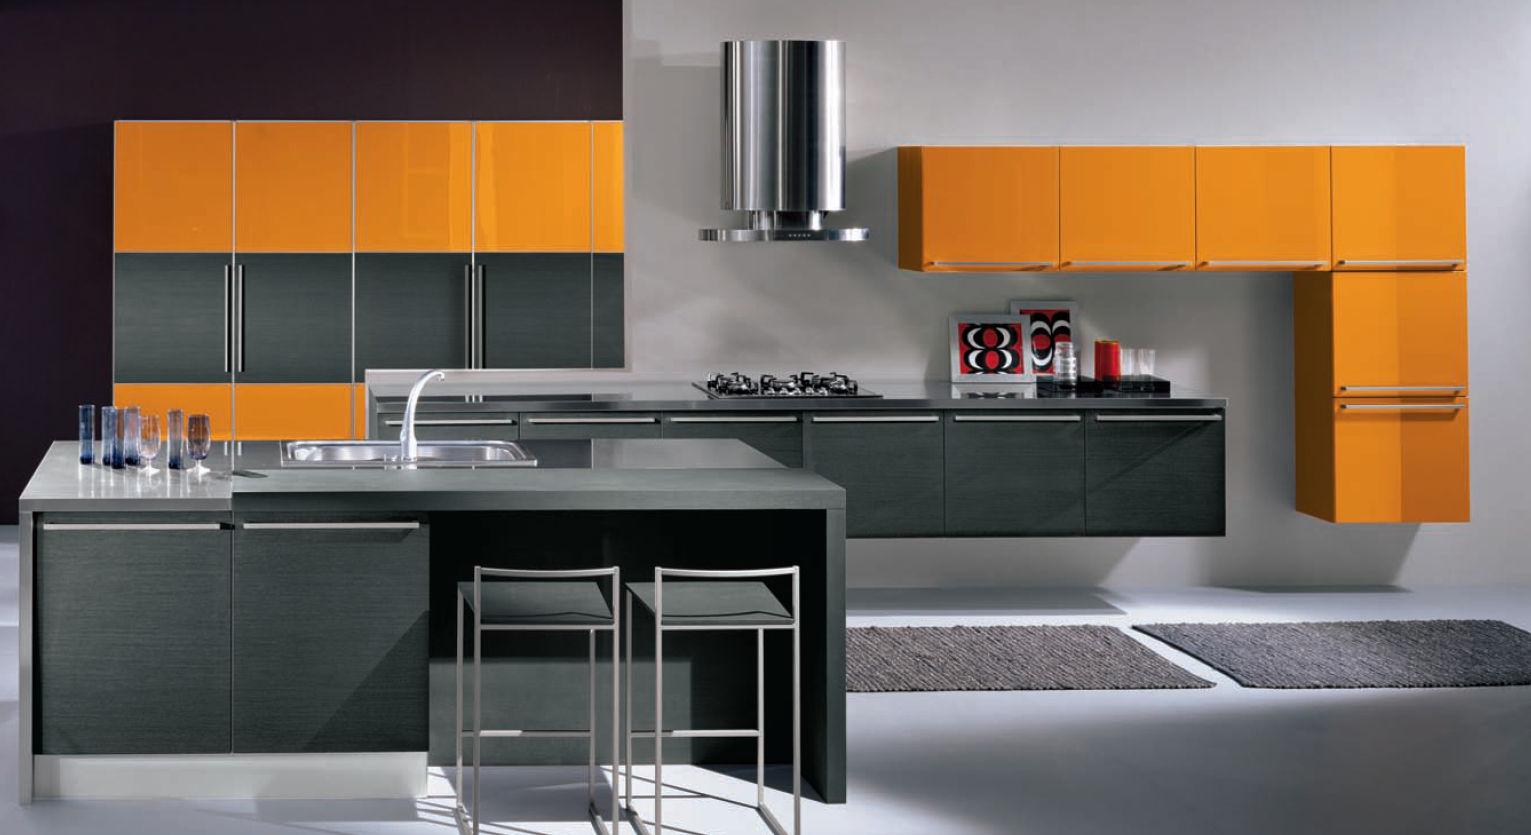 20 fotos de cocinas modernas for Cocinas italianas modernas